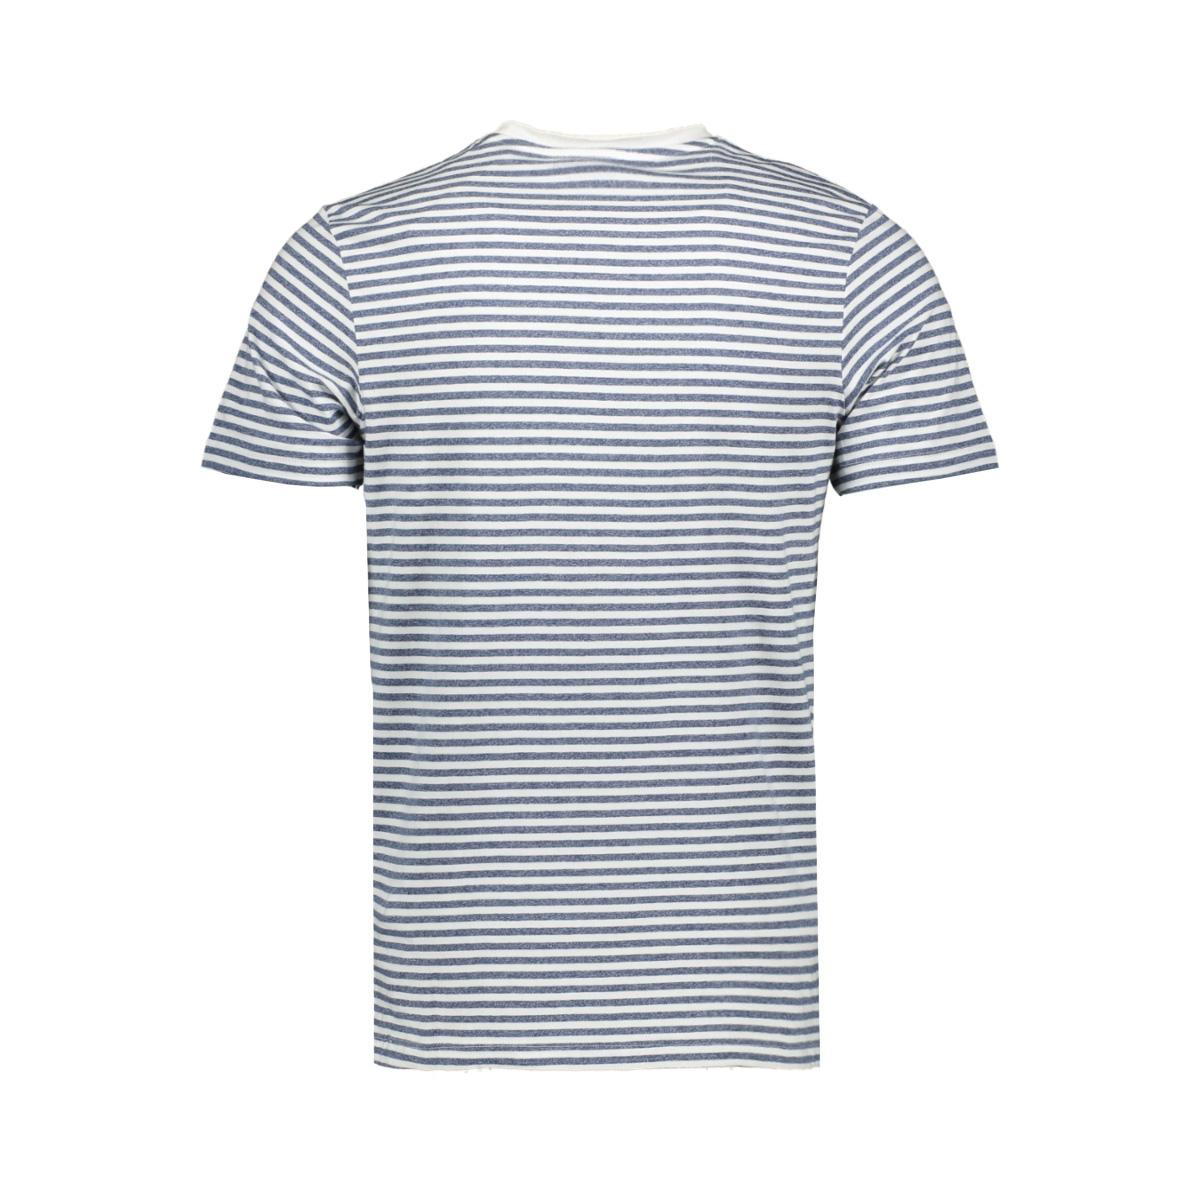 jormargo tee ss v neck 12160835 jack & jones t-shirt cloud dancer/slim